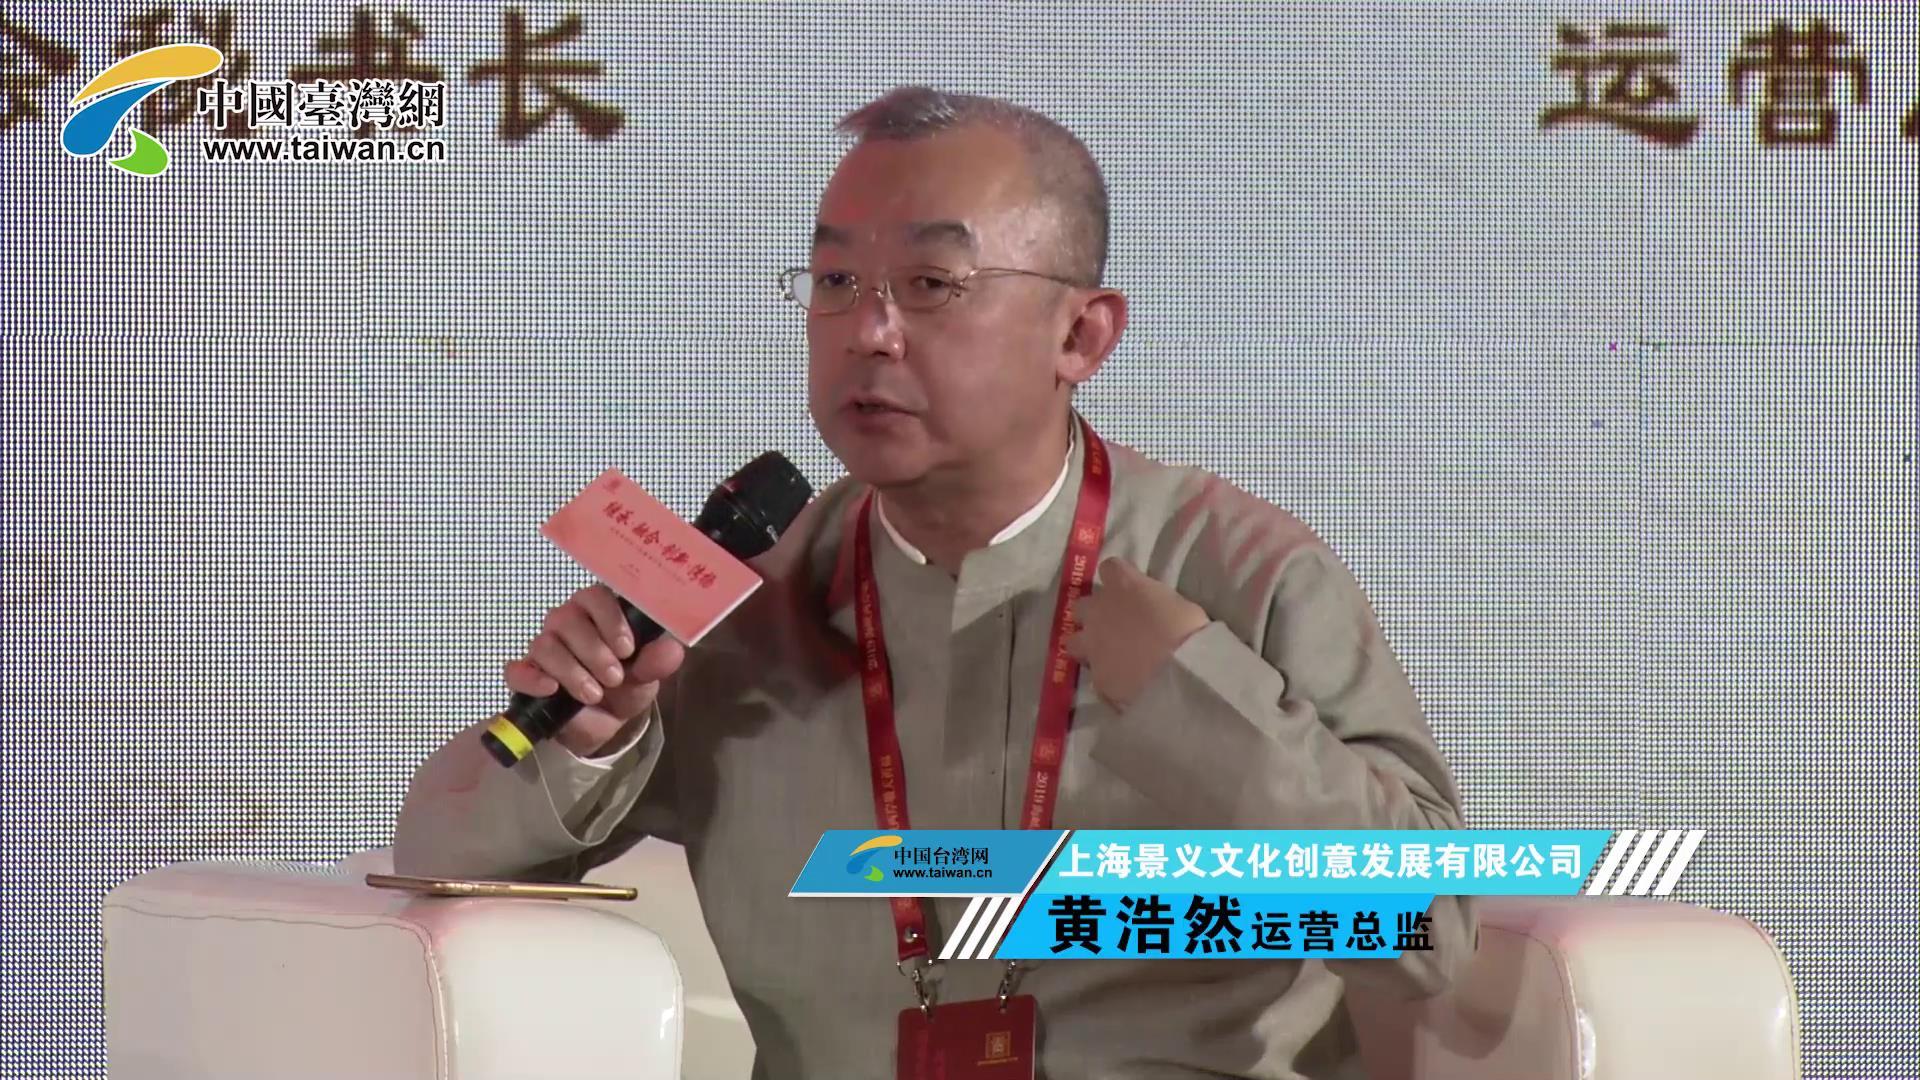 上海景義文化創意發展有限公司運營總監 黃浩然圖片